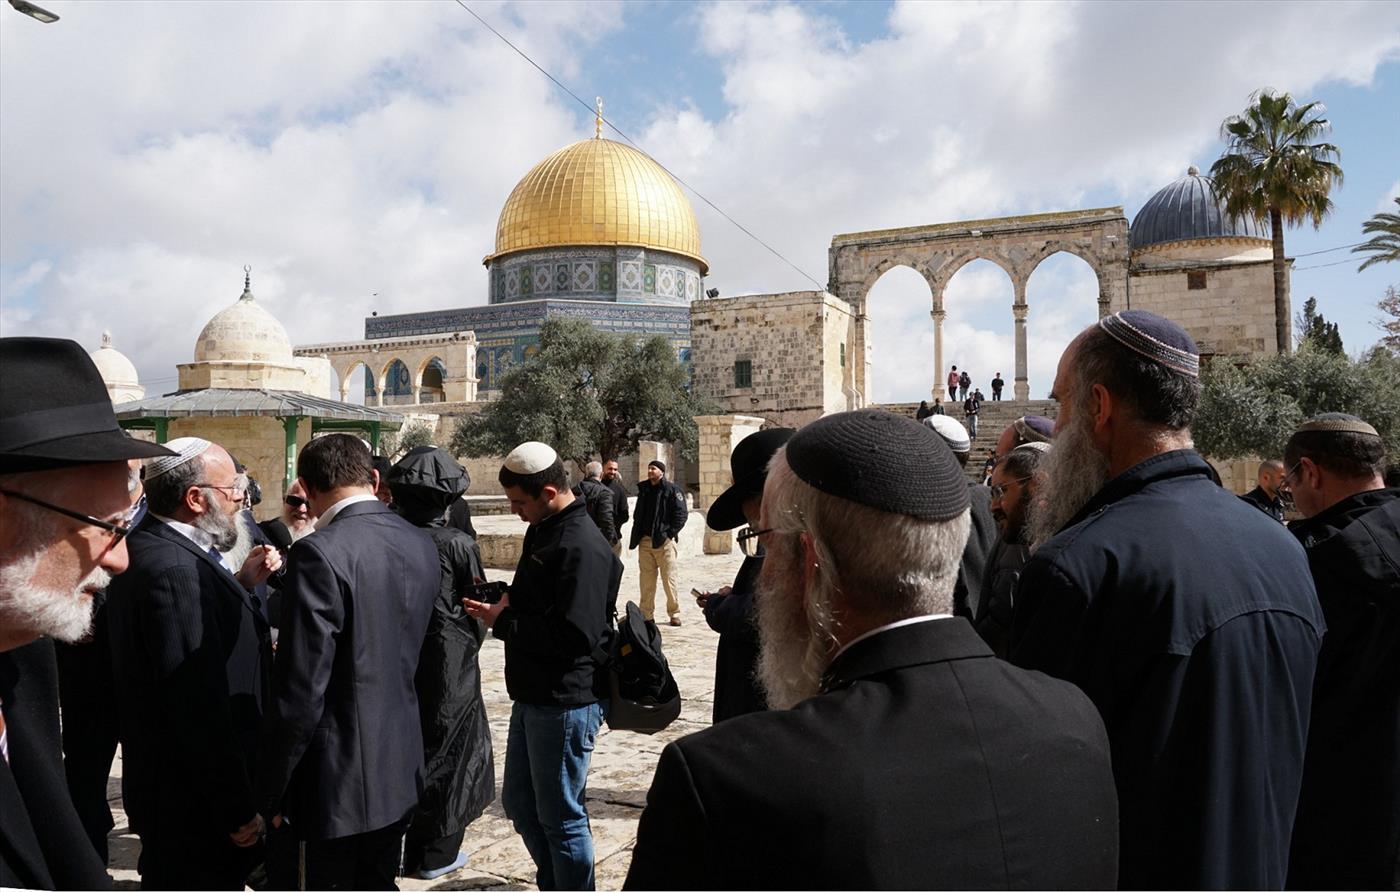 יהודים בהר הבית. ארכיון (חיים קרויזר, מטה ארגוני המקדש)